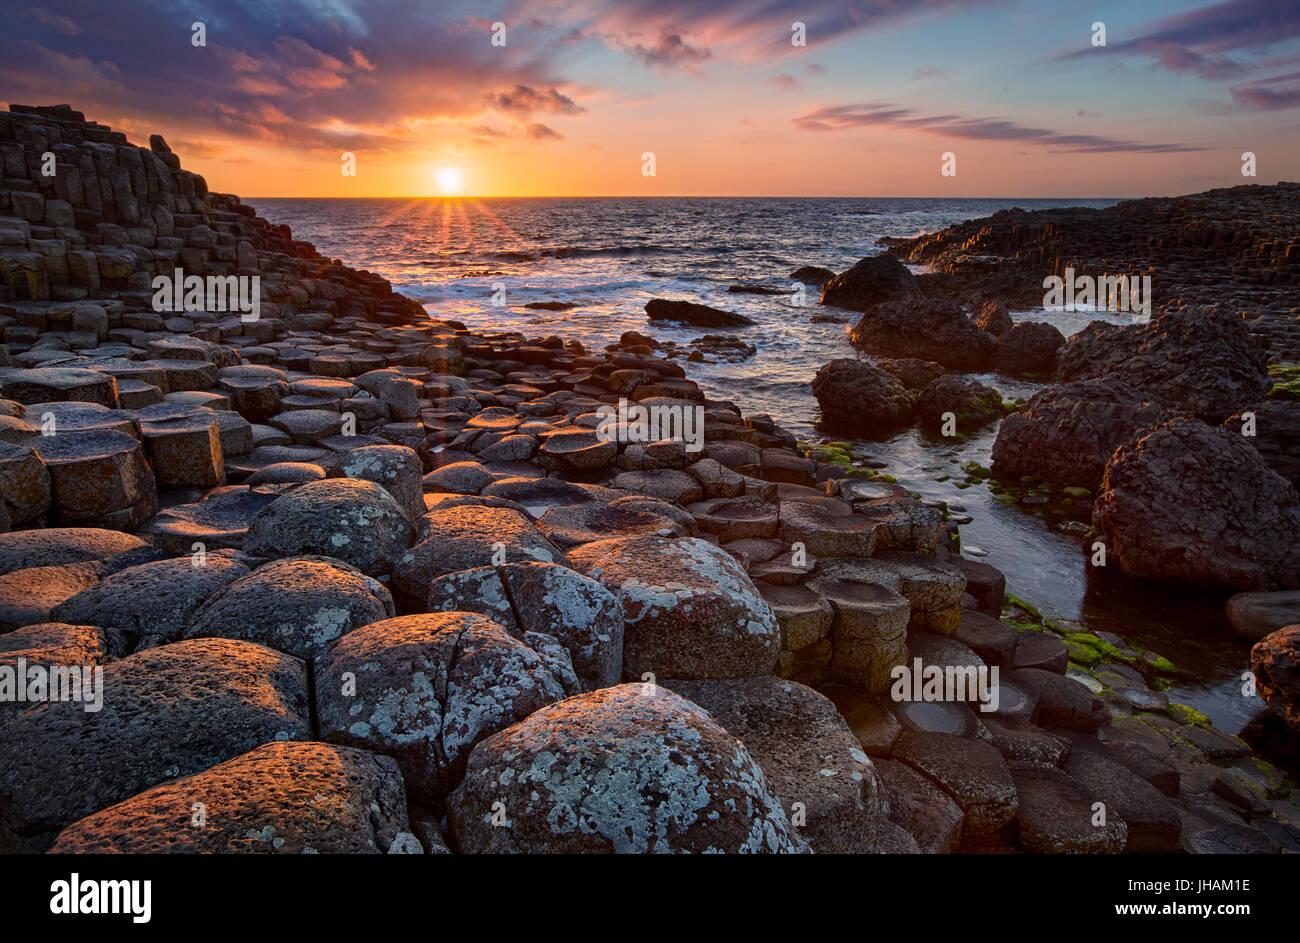 Coucher de soleil sur les colonnes de basalte Giant's Causeway, comté d'Antrim, en Irlande du Nord Banque D'Images